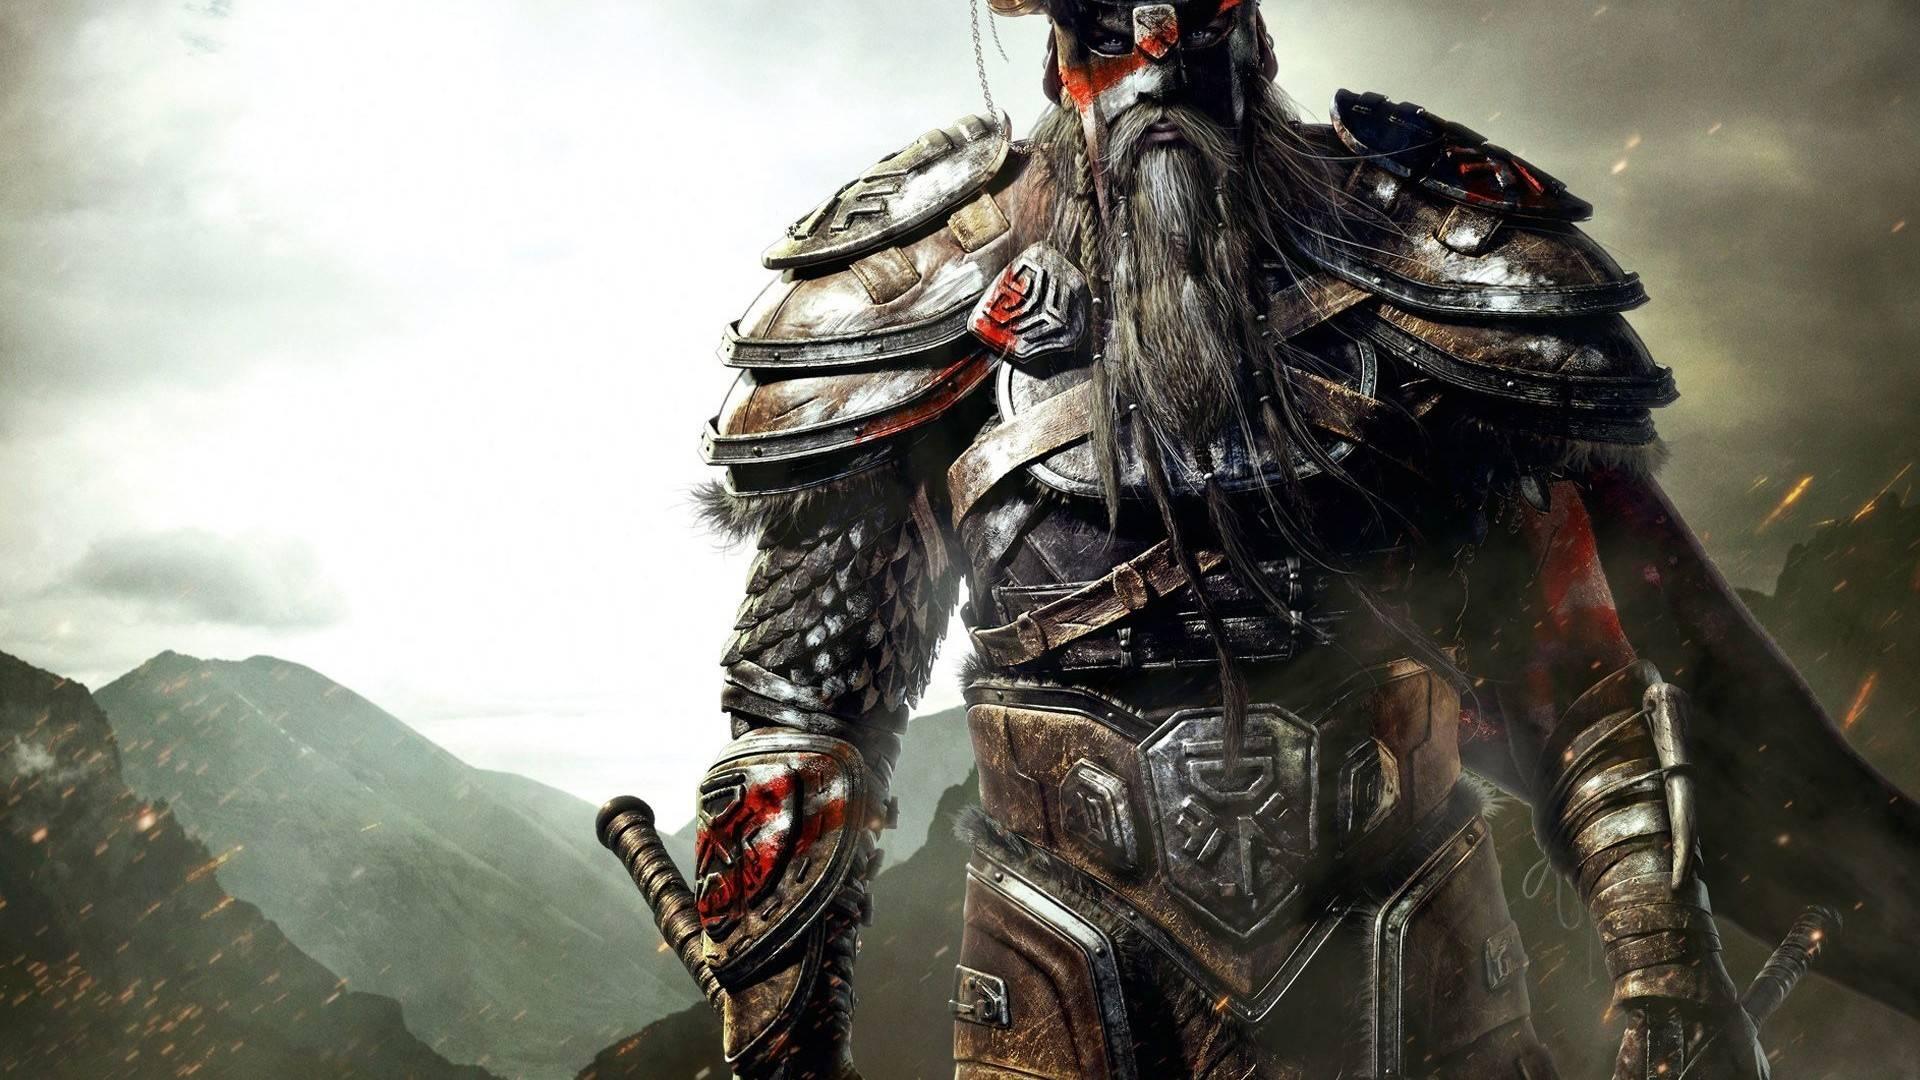 Wallpapers De The Elder Scrolls Online